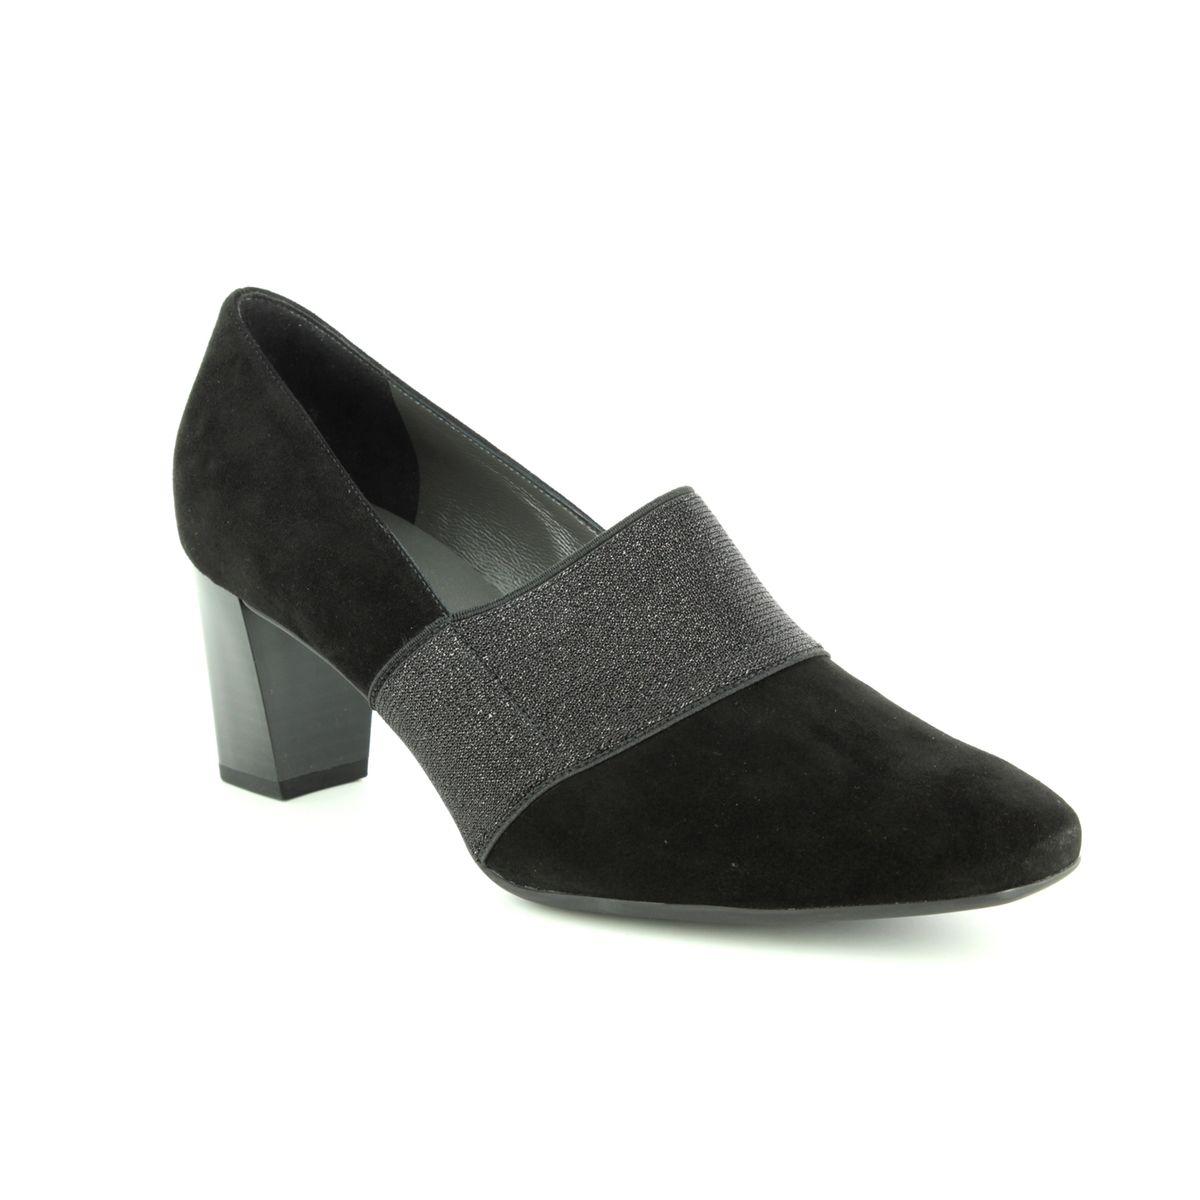 290549ff2de4 Peter Kaiser Heeled Shoes - Black suede - 01215 911 DORNA